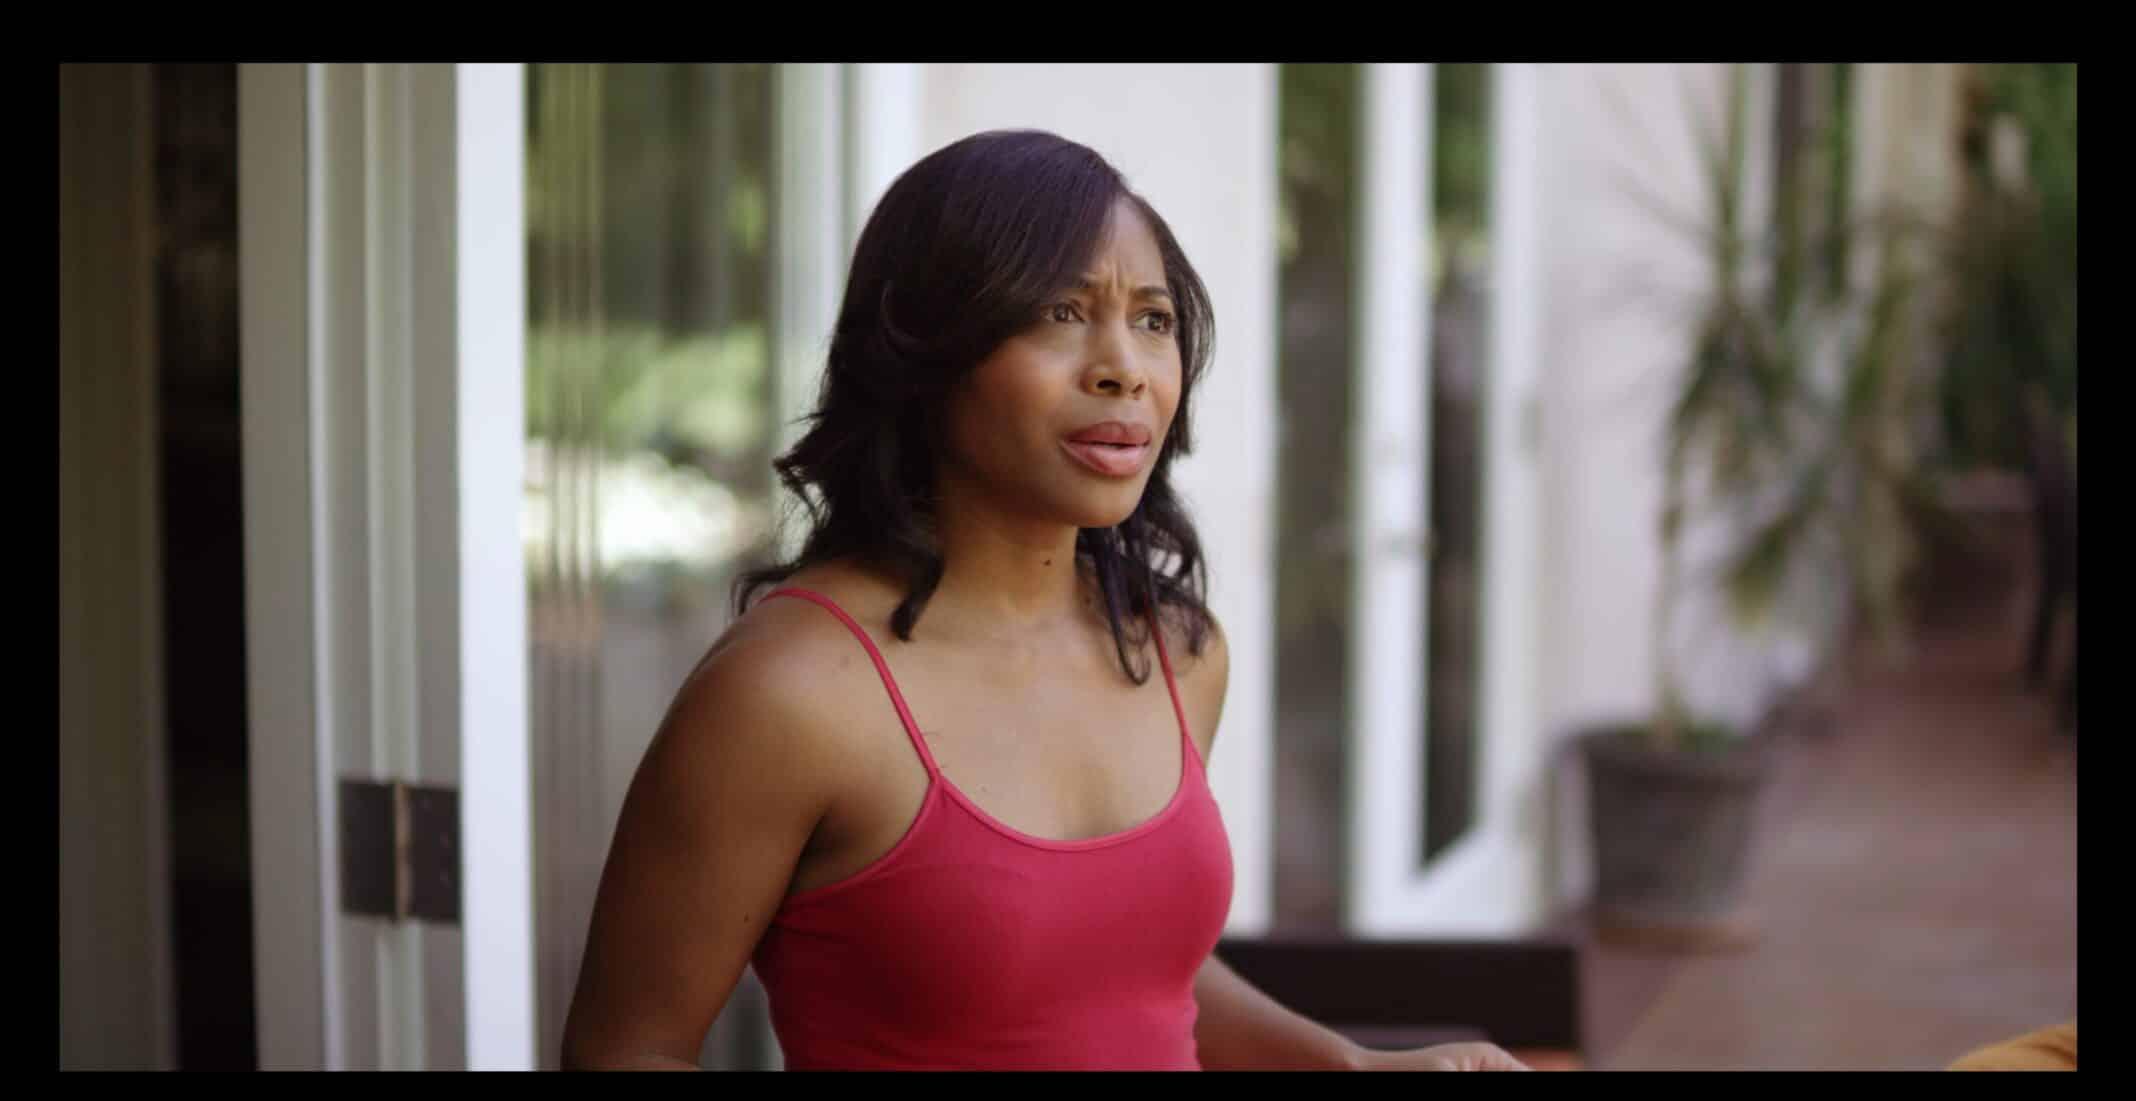 Tonya (LaKeysha Edwards) asking her husband to apologize to Jason